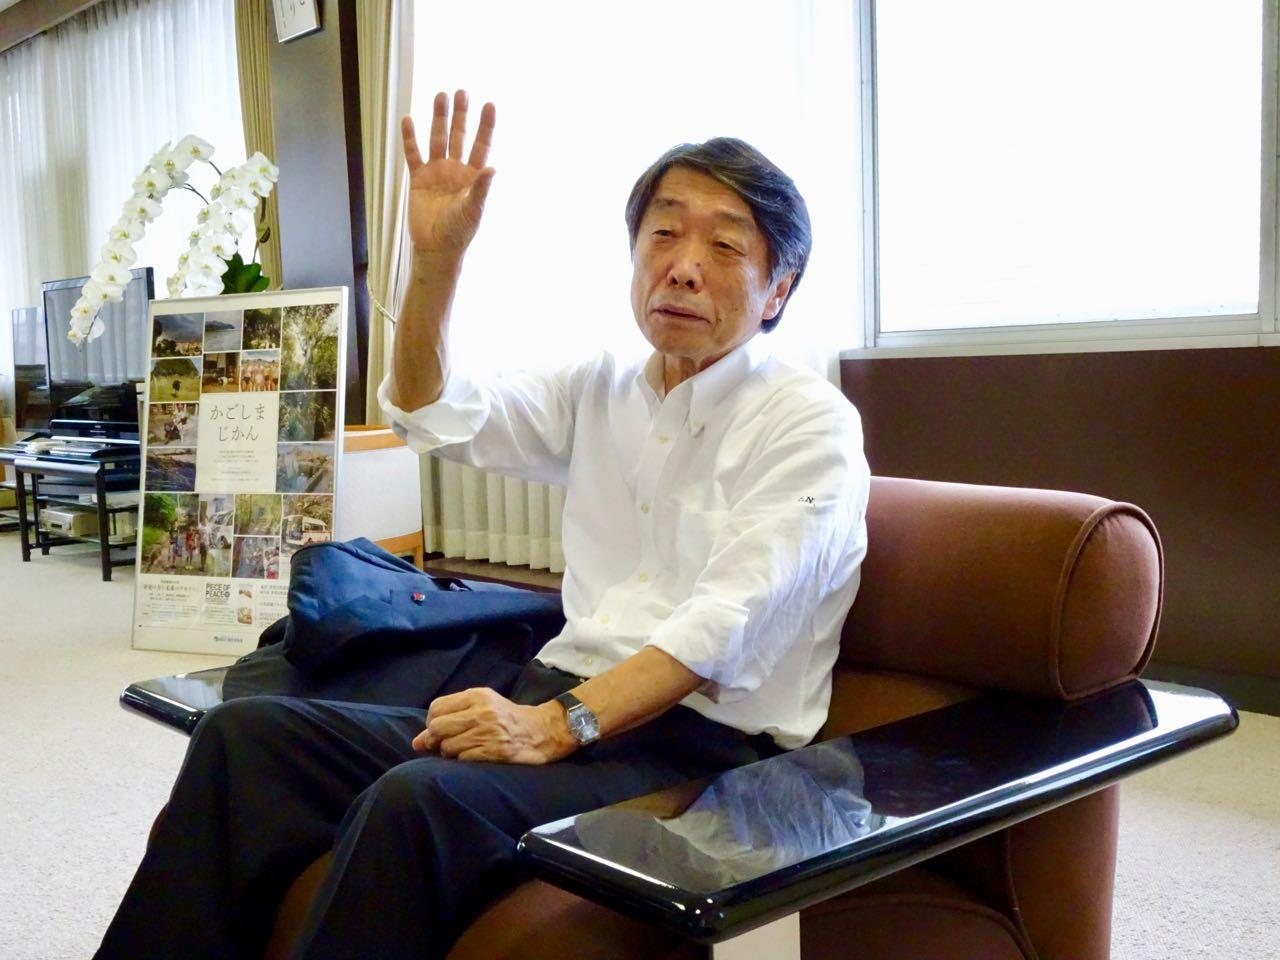 MBC南日本放送・中村会長はコピーライター。「公共性でメシを食う」の意味は?